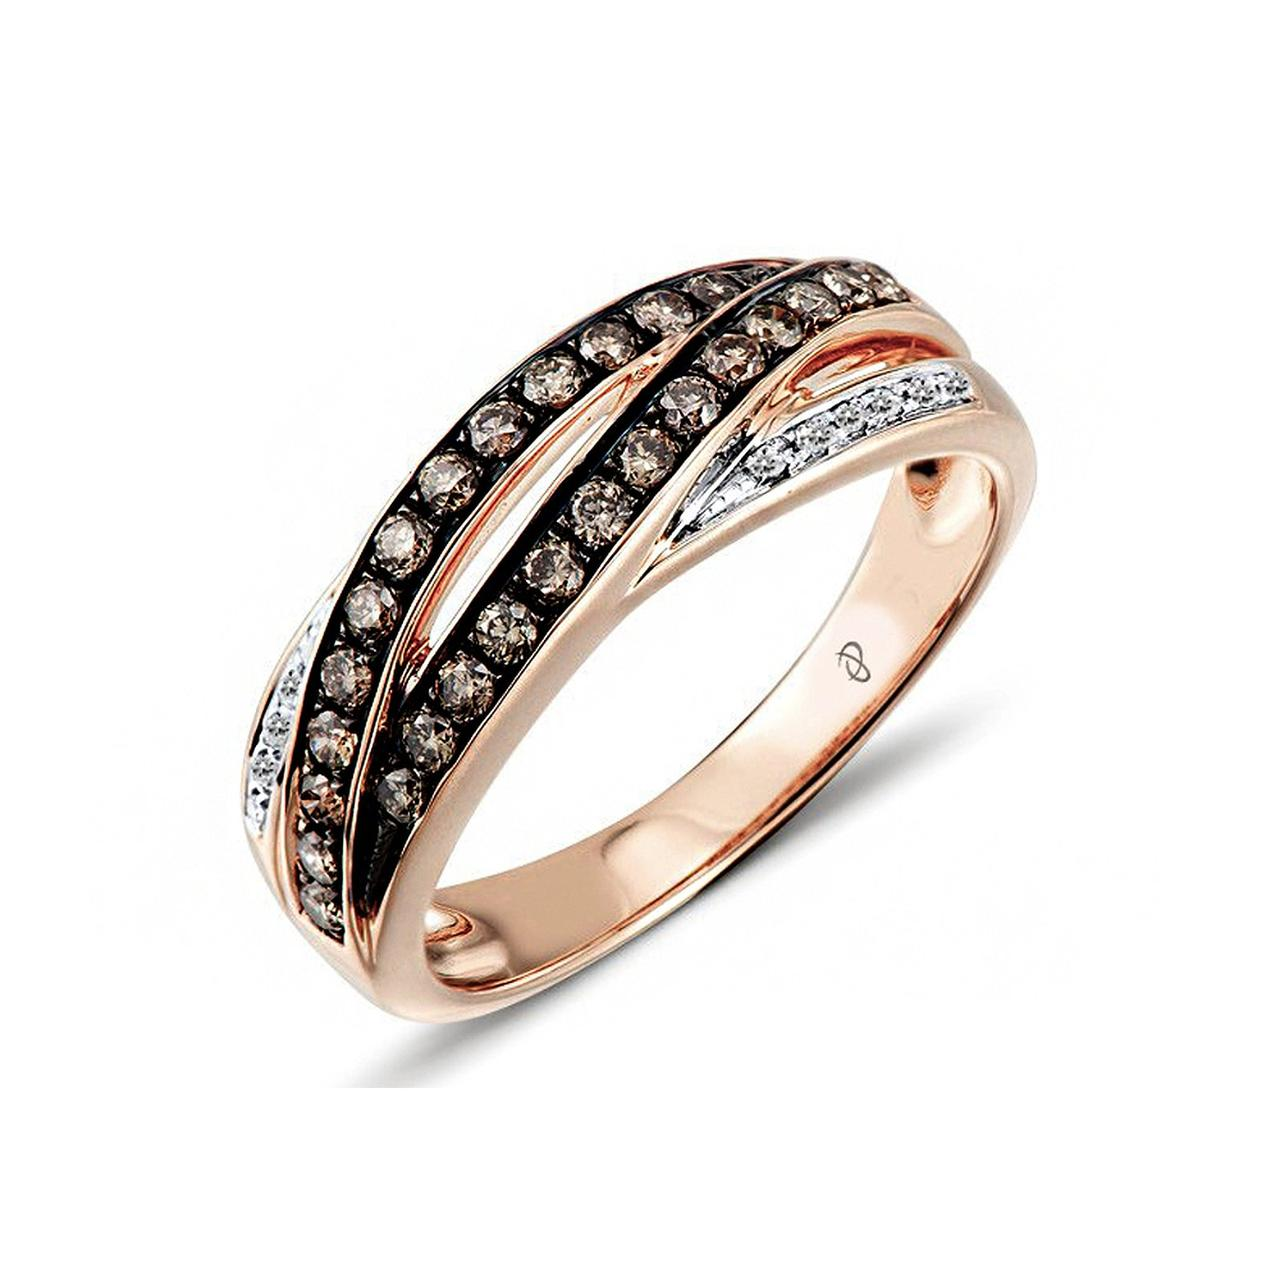 Золотое кольцо с бриллиантами, размер 17 (1551713)